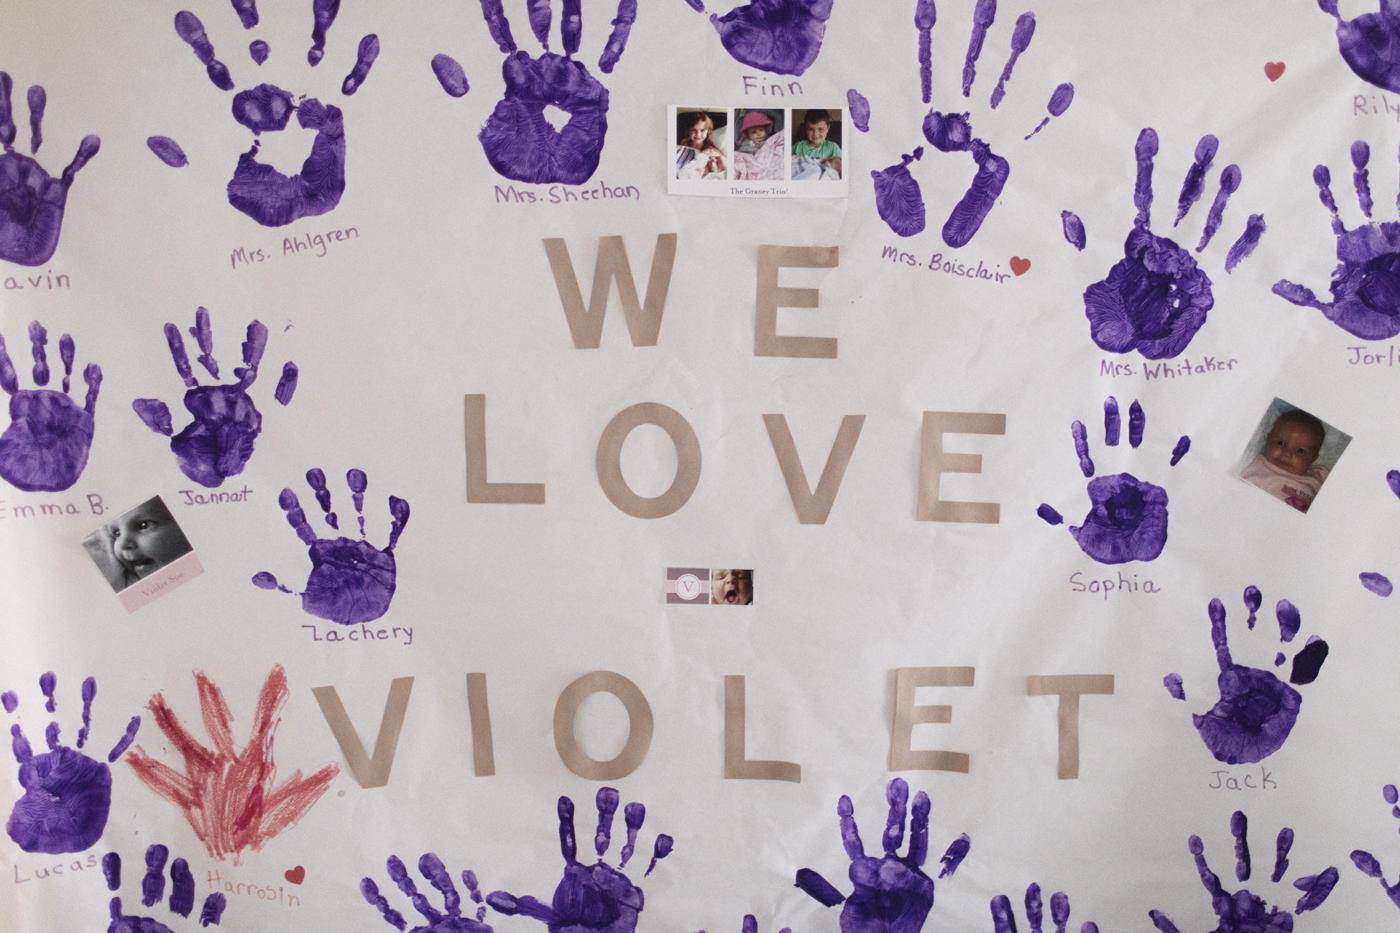 """A sign states """"We love Violet."""""""